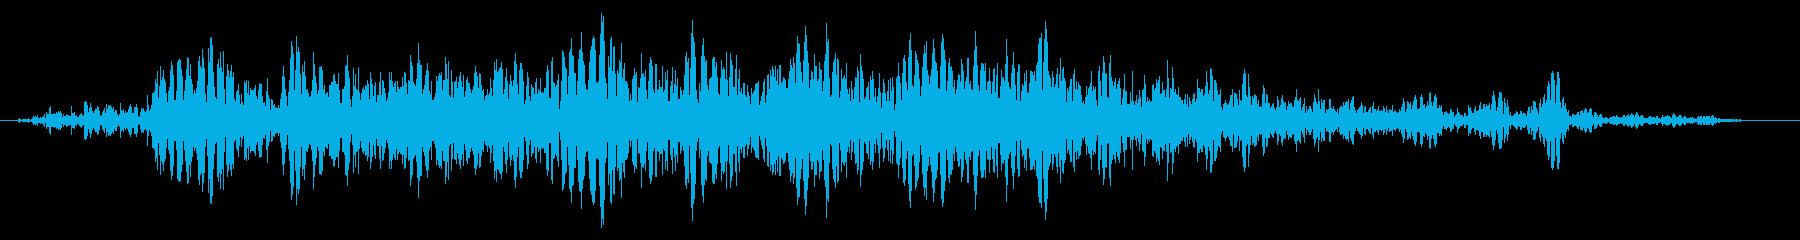 スライムなどが蠢く音 タイプC#6の再生済みの波形